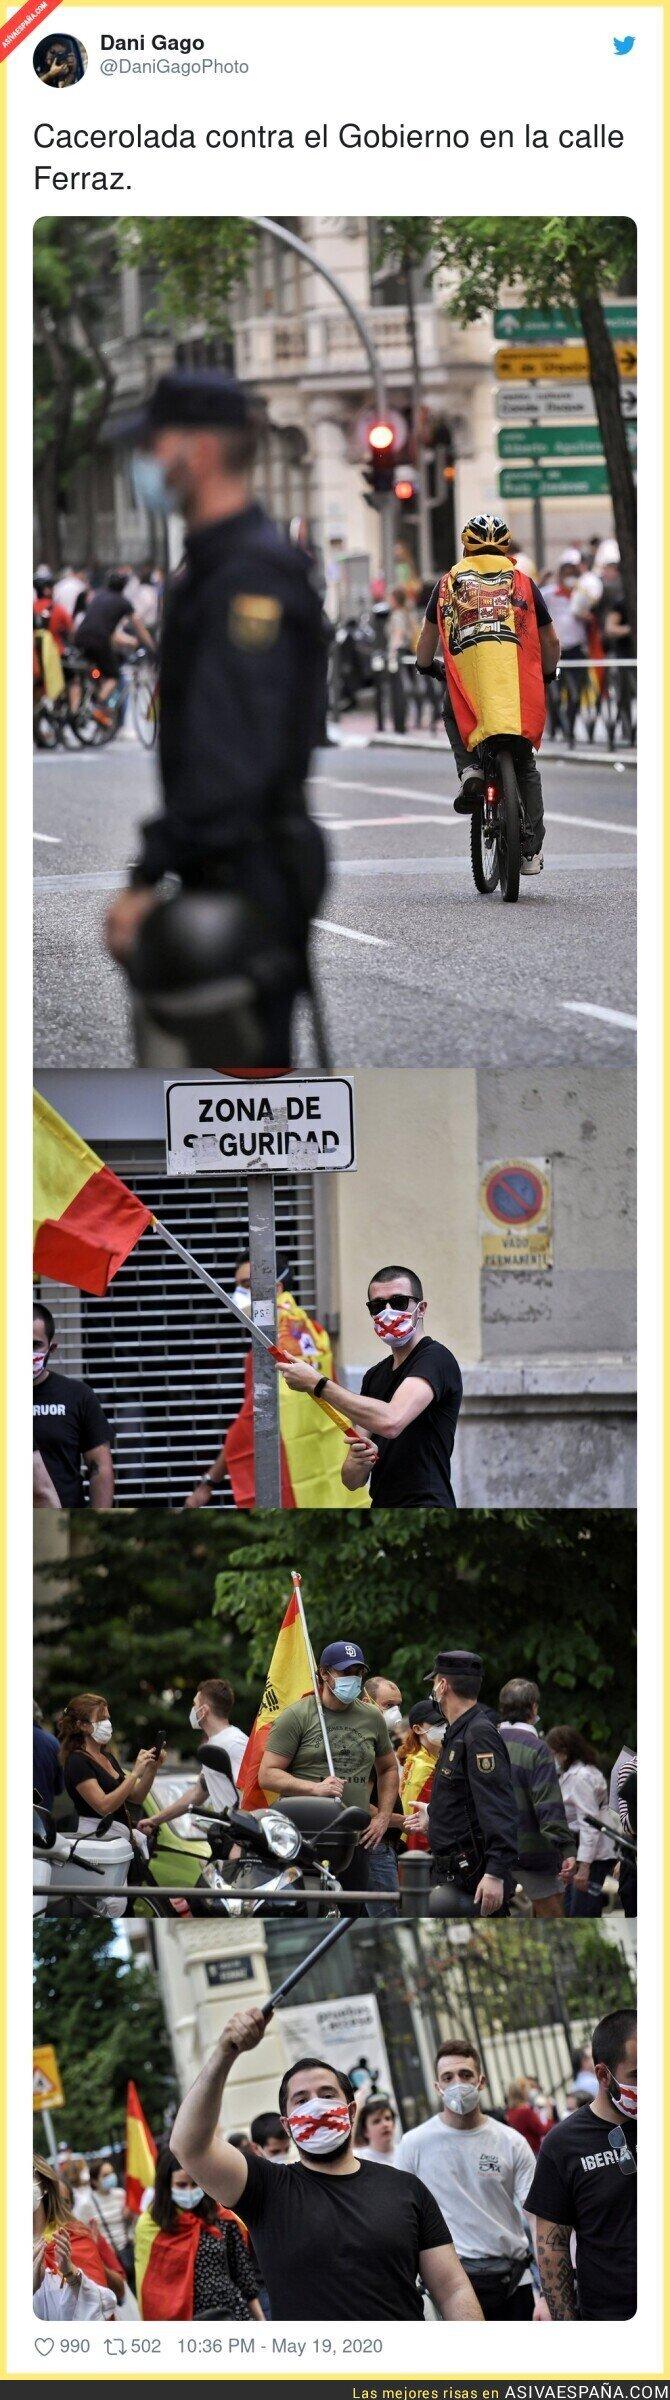 169058 - Todas estas imágenes dejan claro que las manifestaciones de las caceroladas están infestadas de fascistas